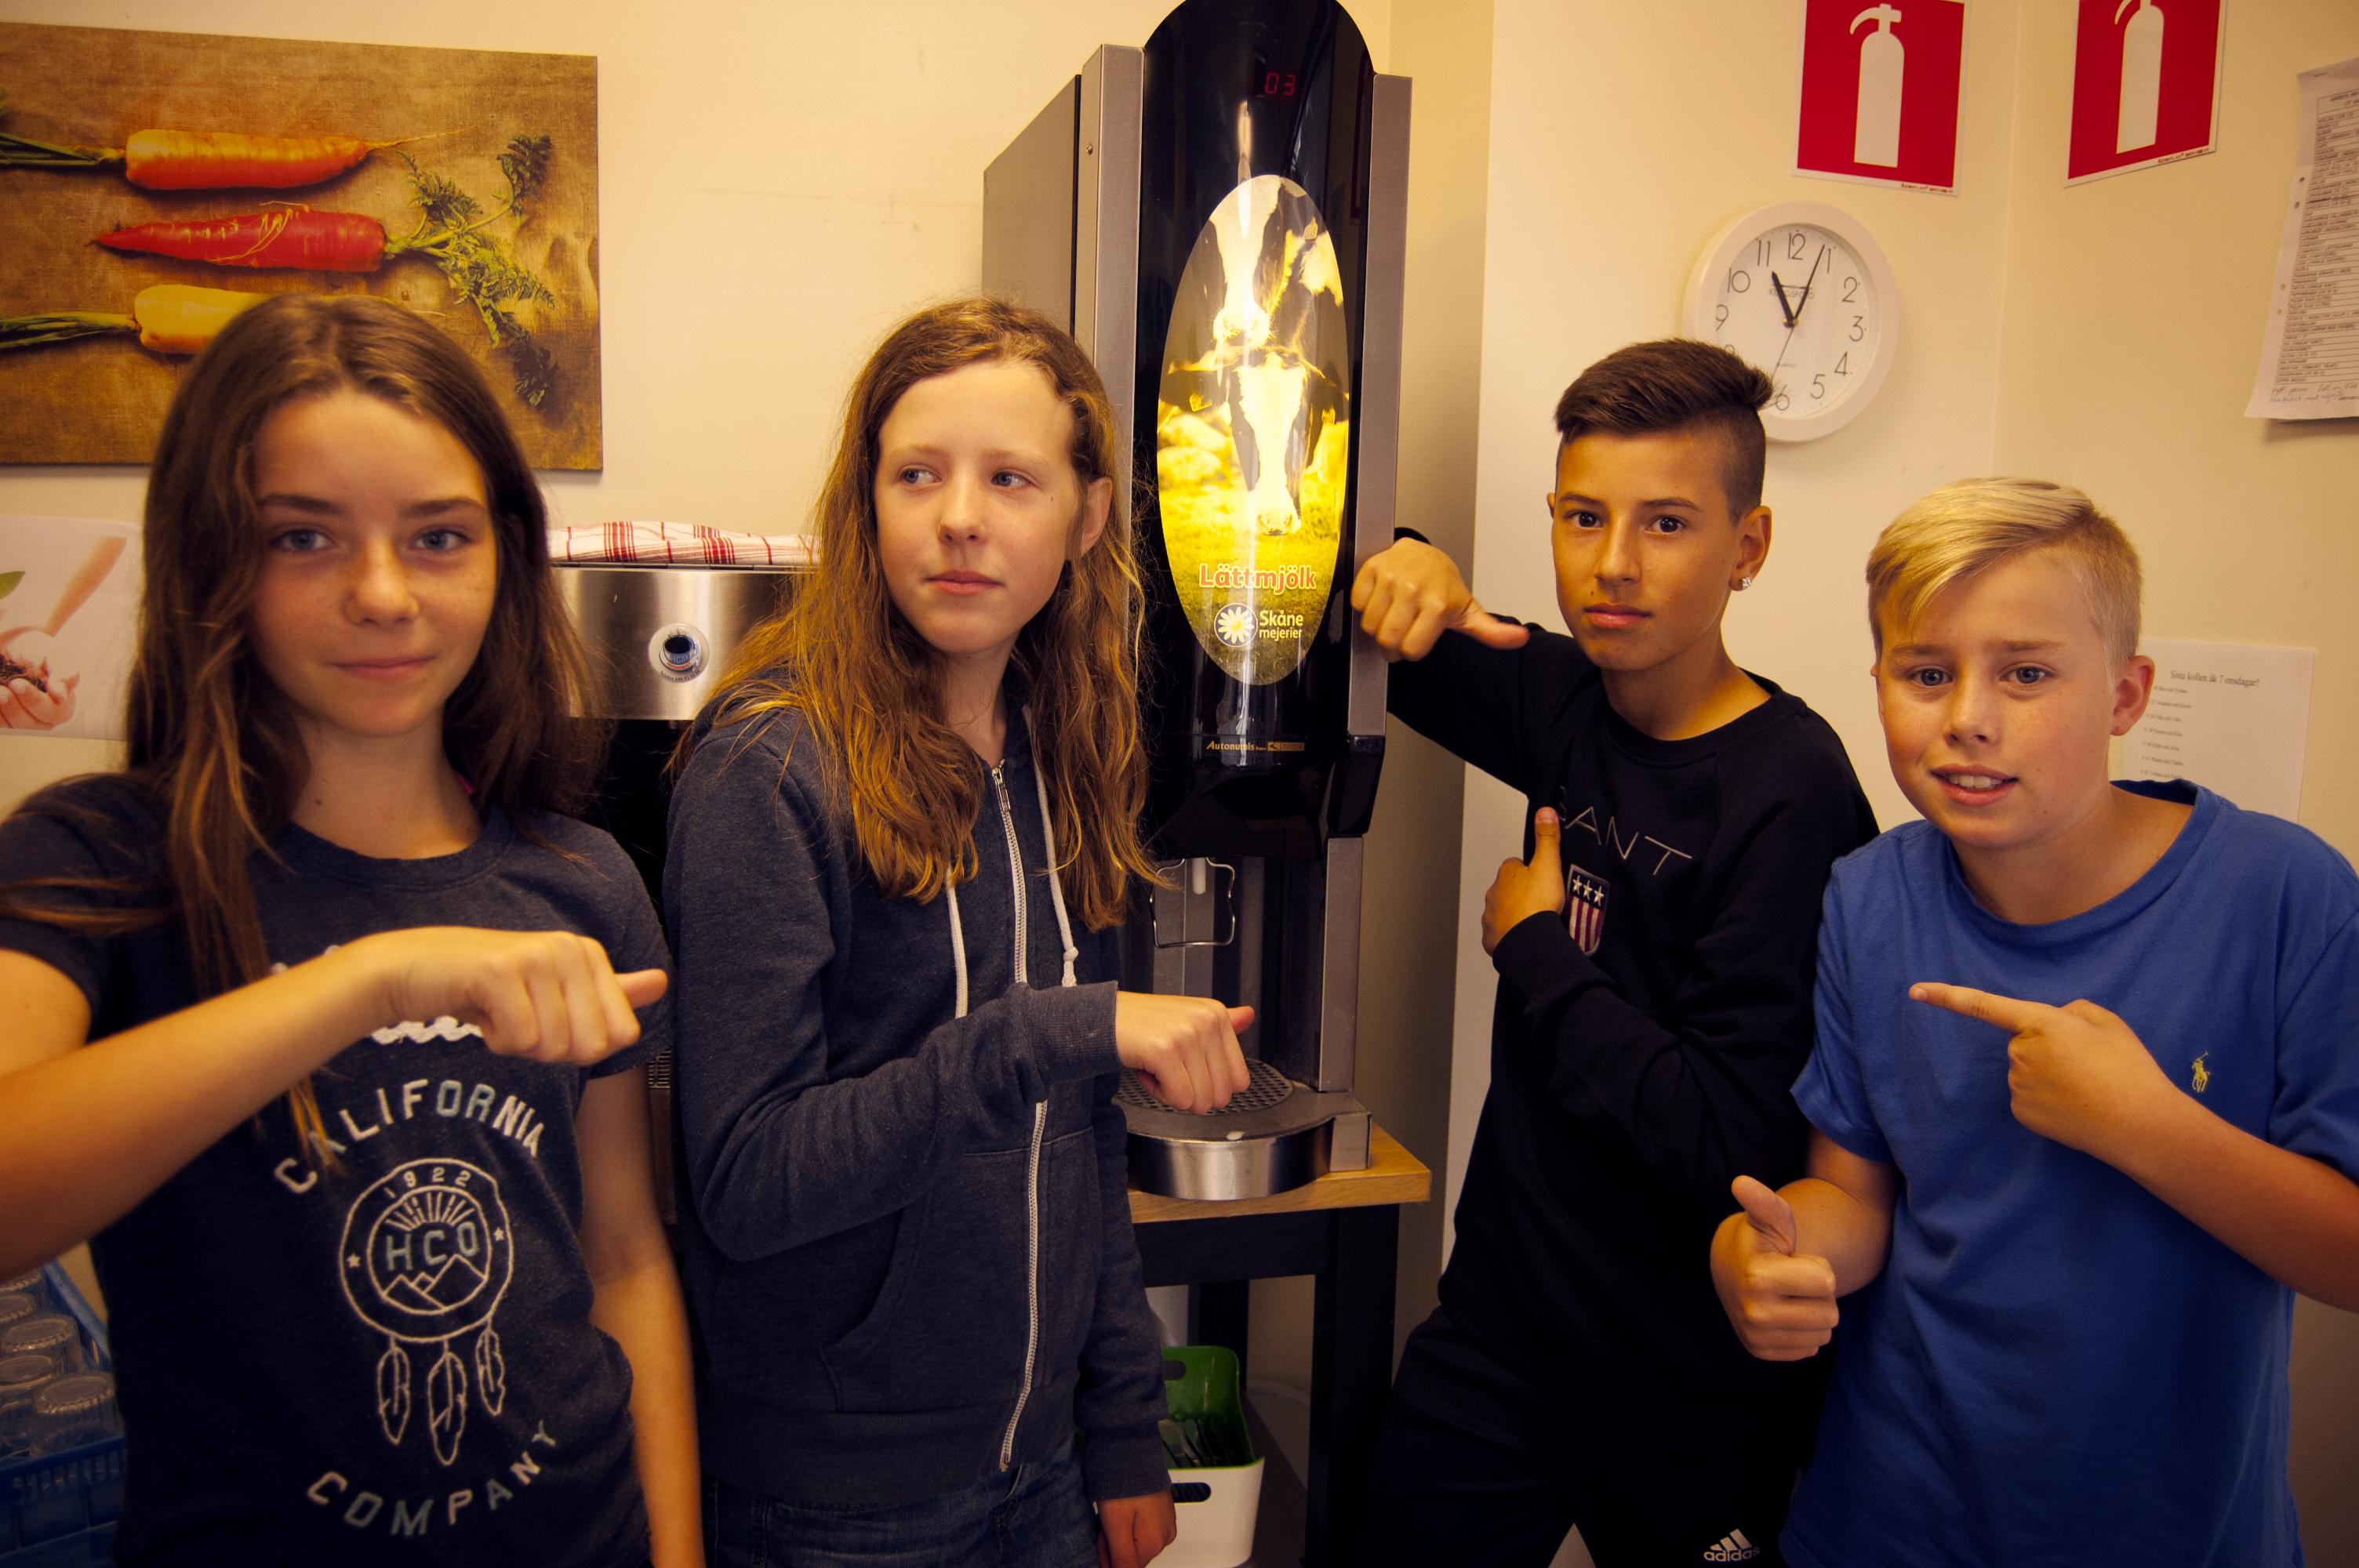 Tindra Billberg, Minna Glaser, Alex Krist och Caspian Andersson på Alléskolan skulle gärna se att man bytte till mellanmjölk i matsalen.